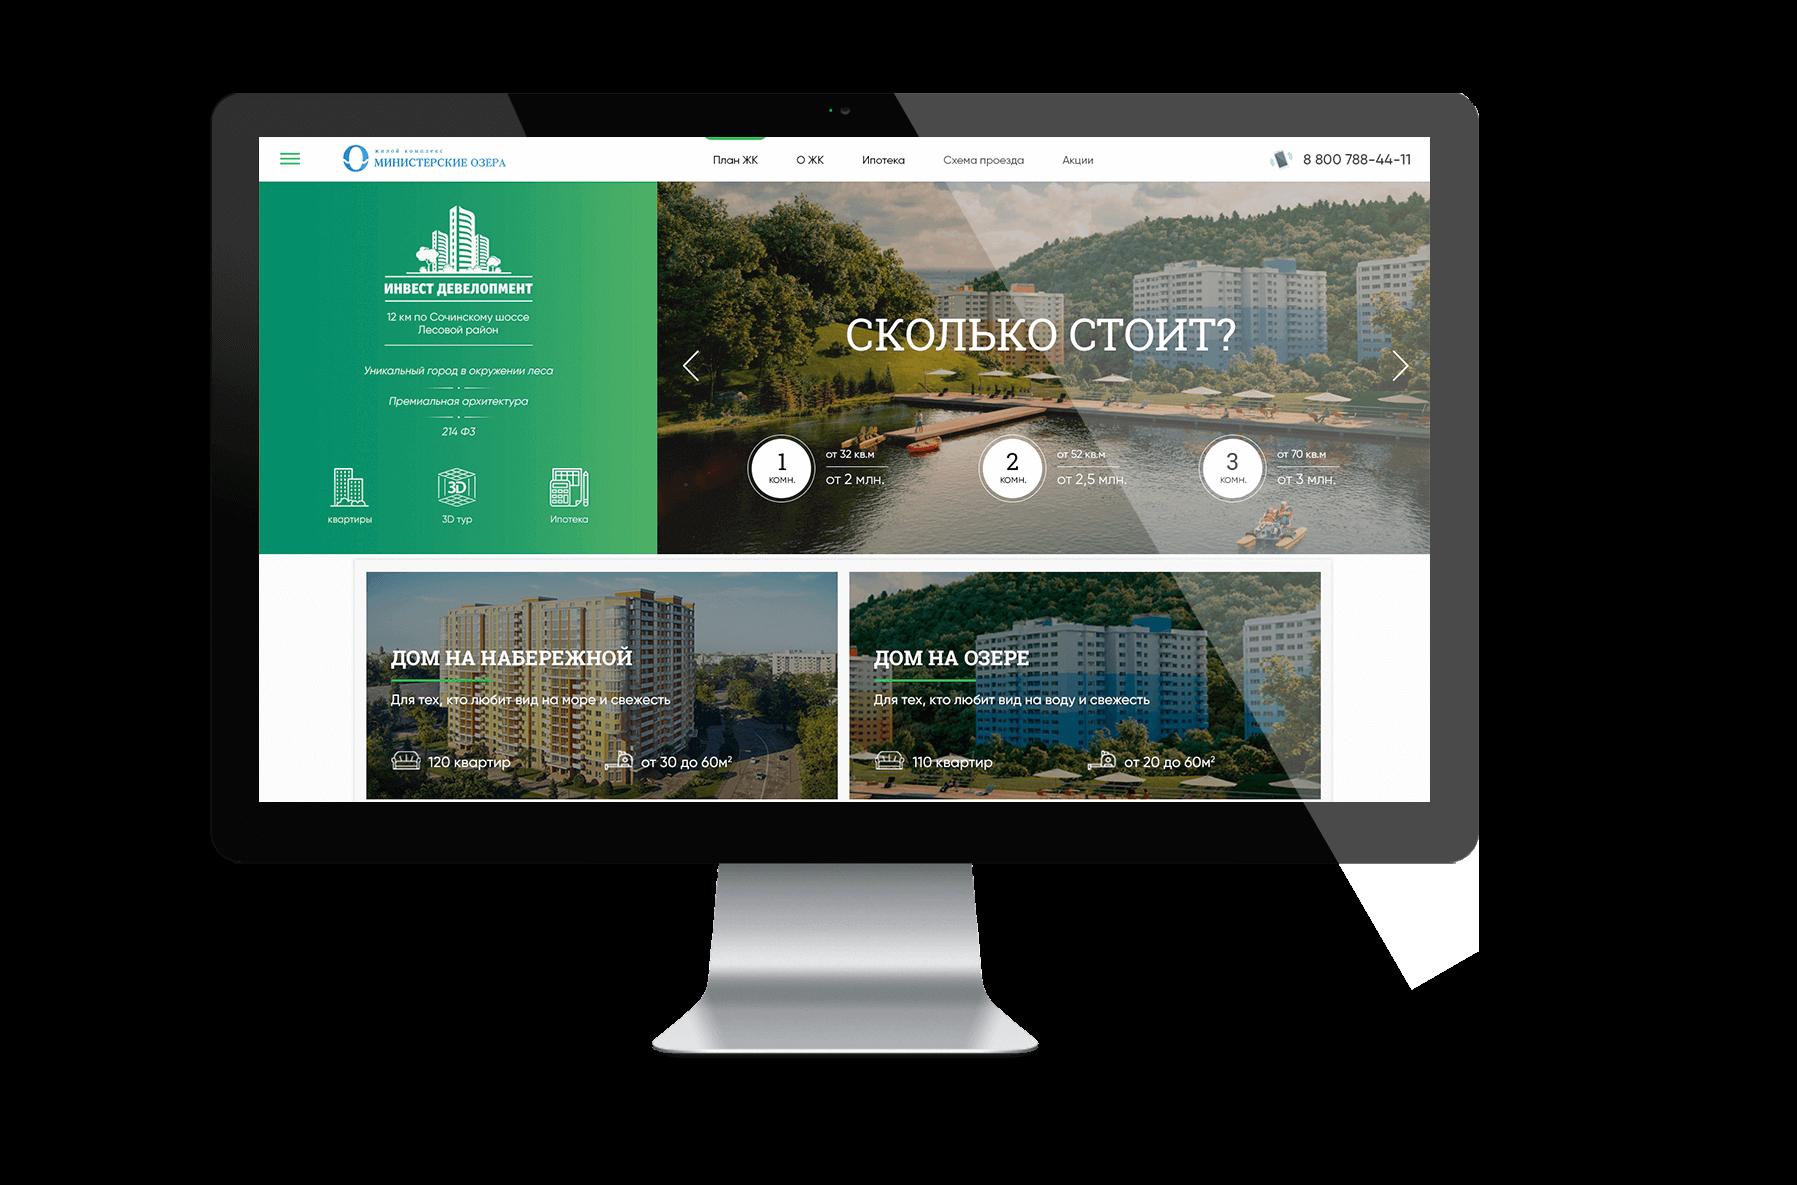 Дизайн сайта для ЖК «Министерские озера»